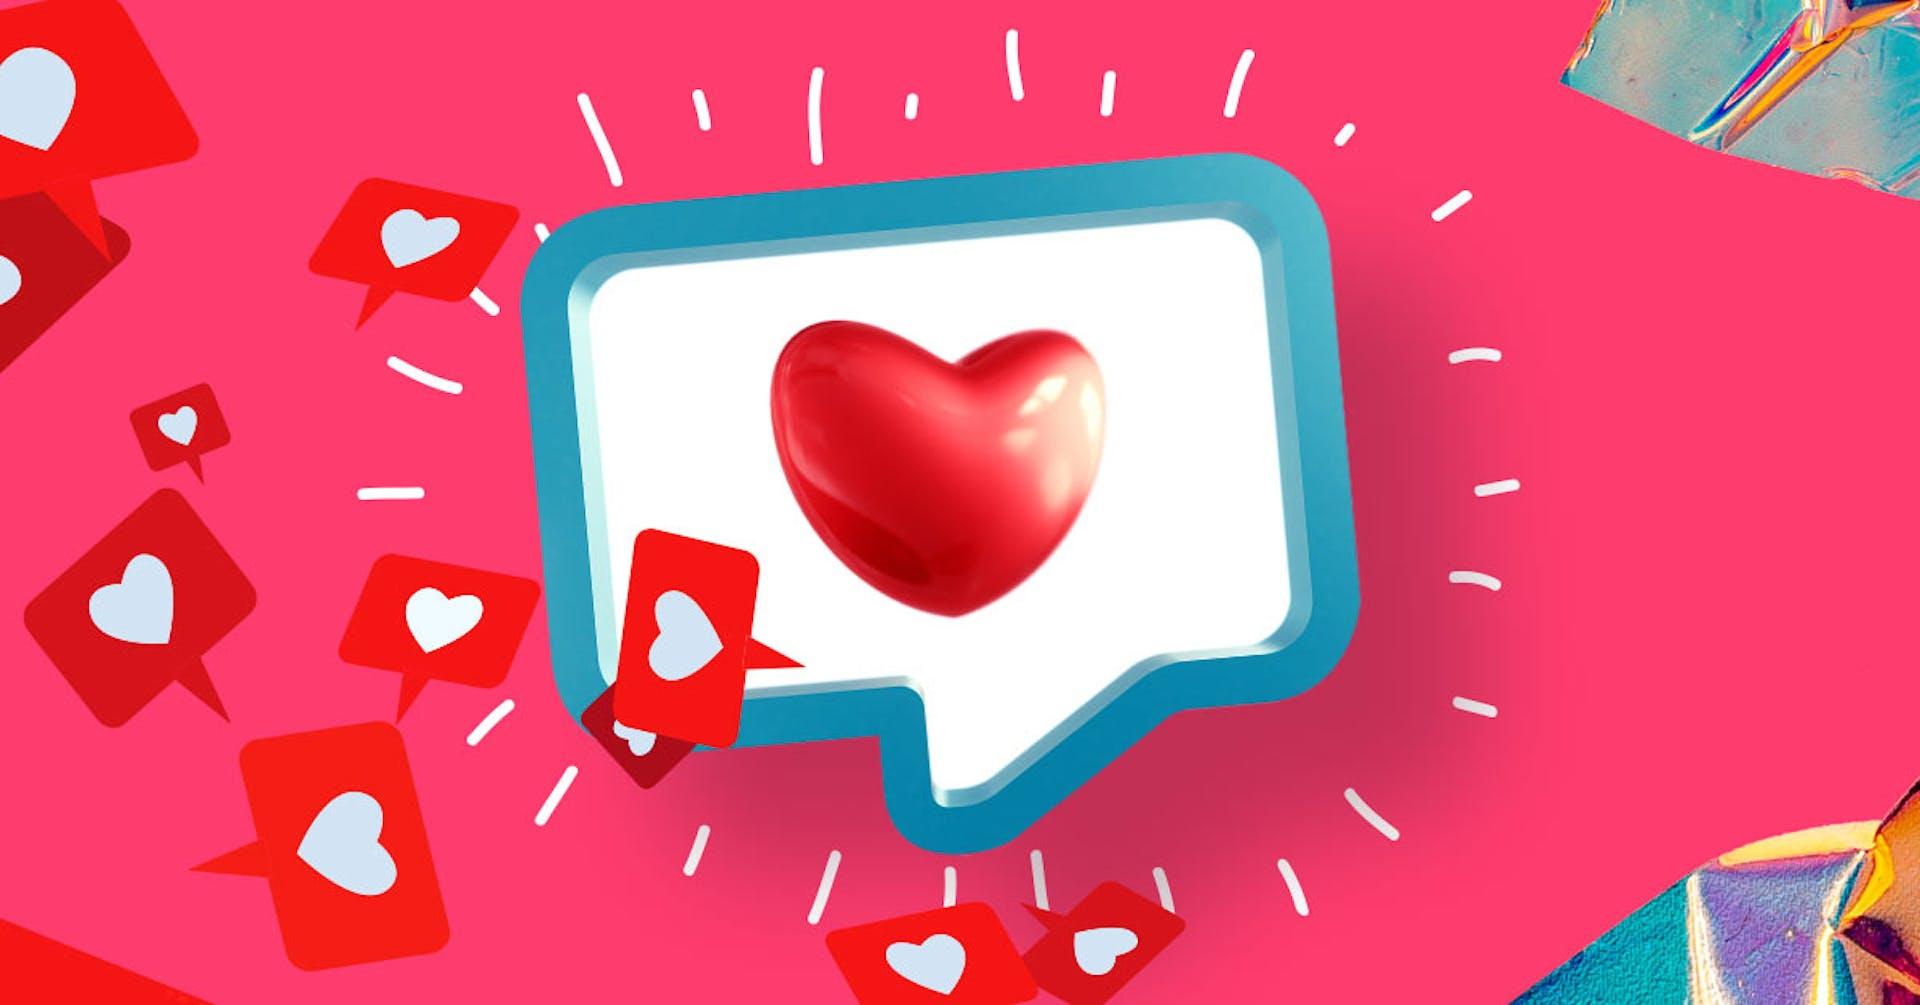 ¡Que te vean! Branding digital para redes sociales